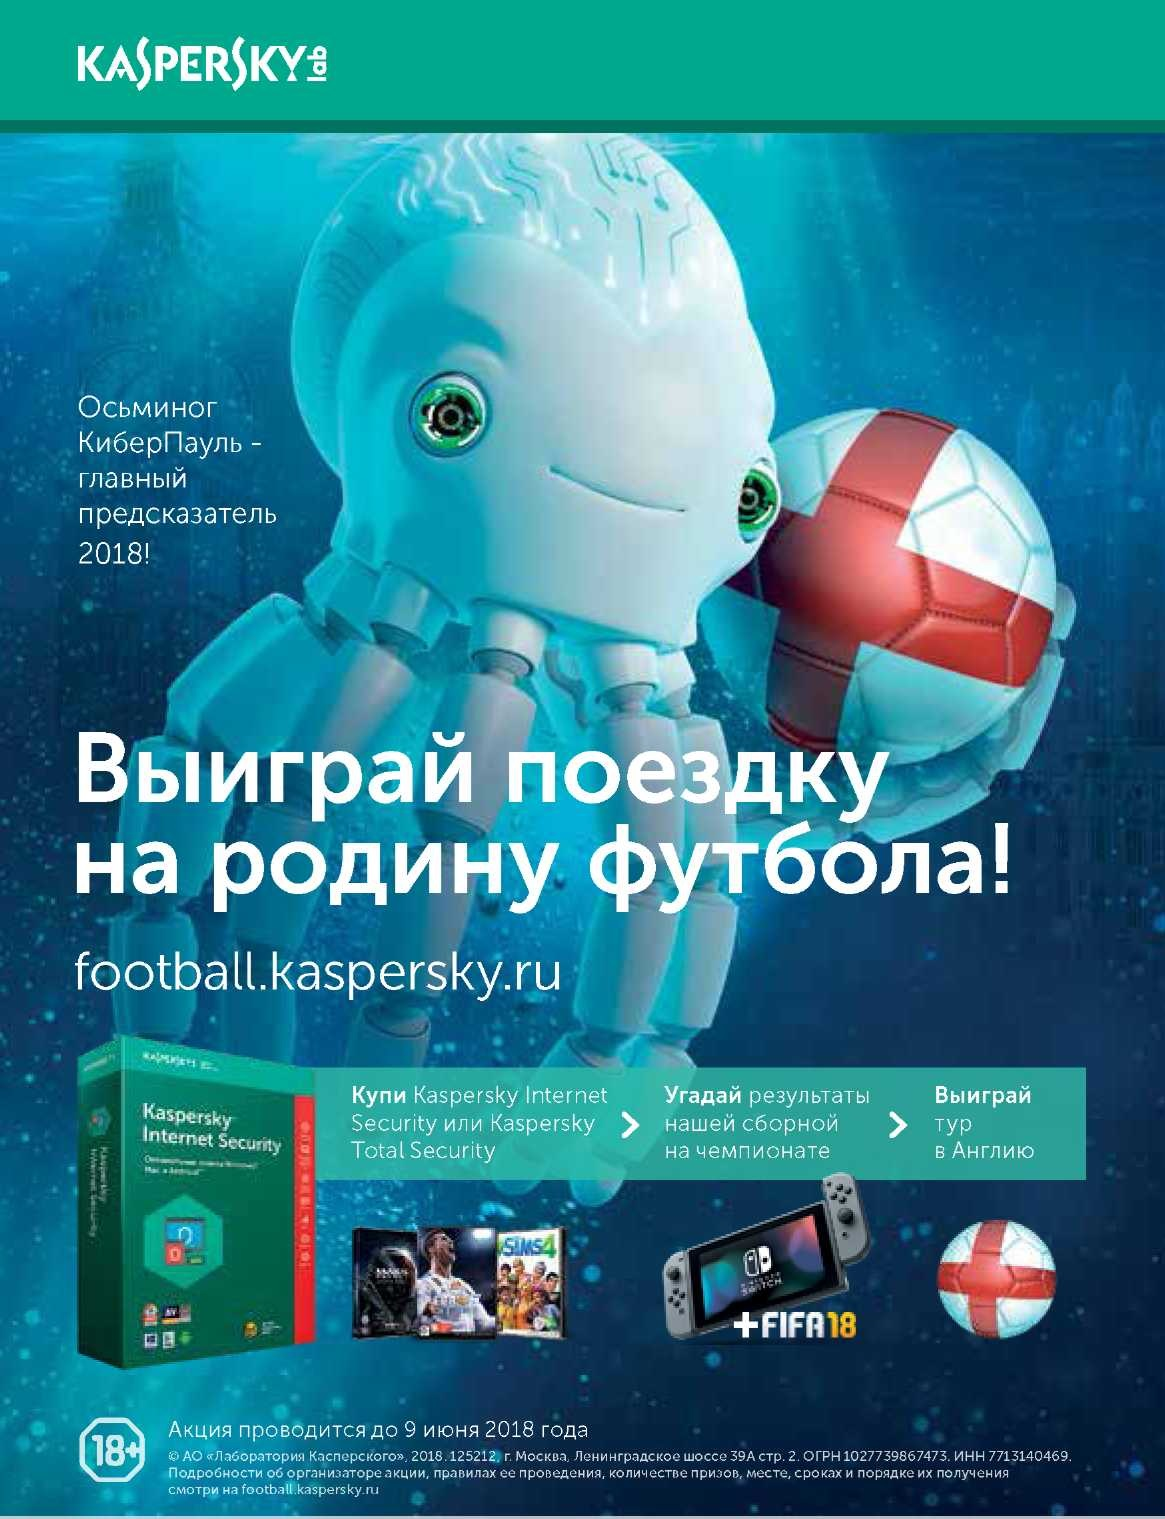 Купить Kaspersky Internet Security на 3 устройства на 1 год RU